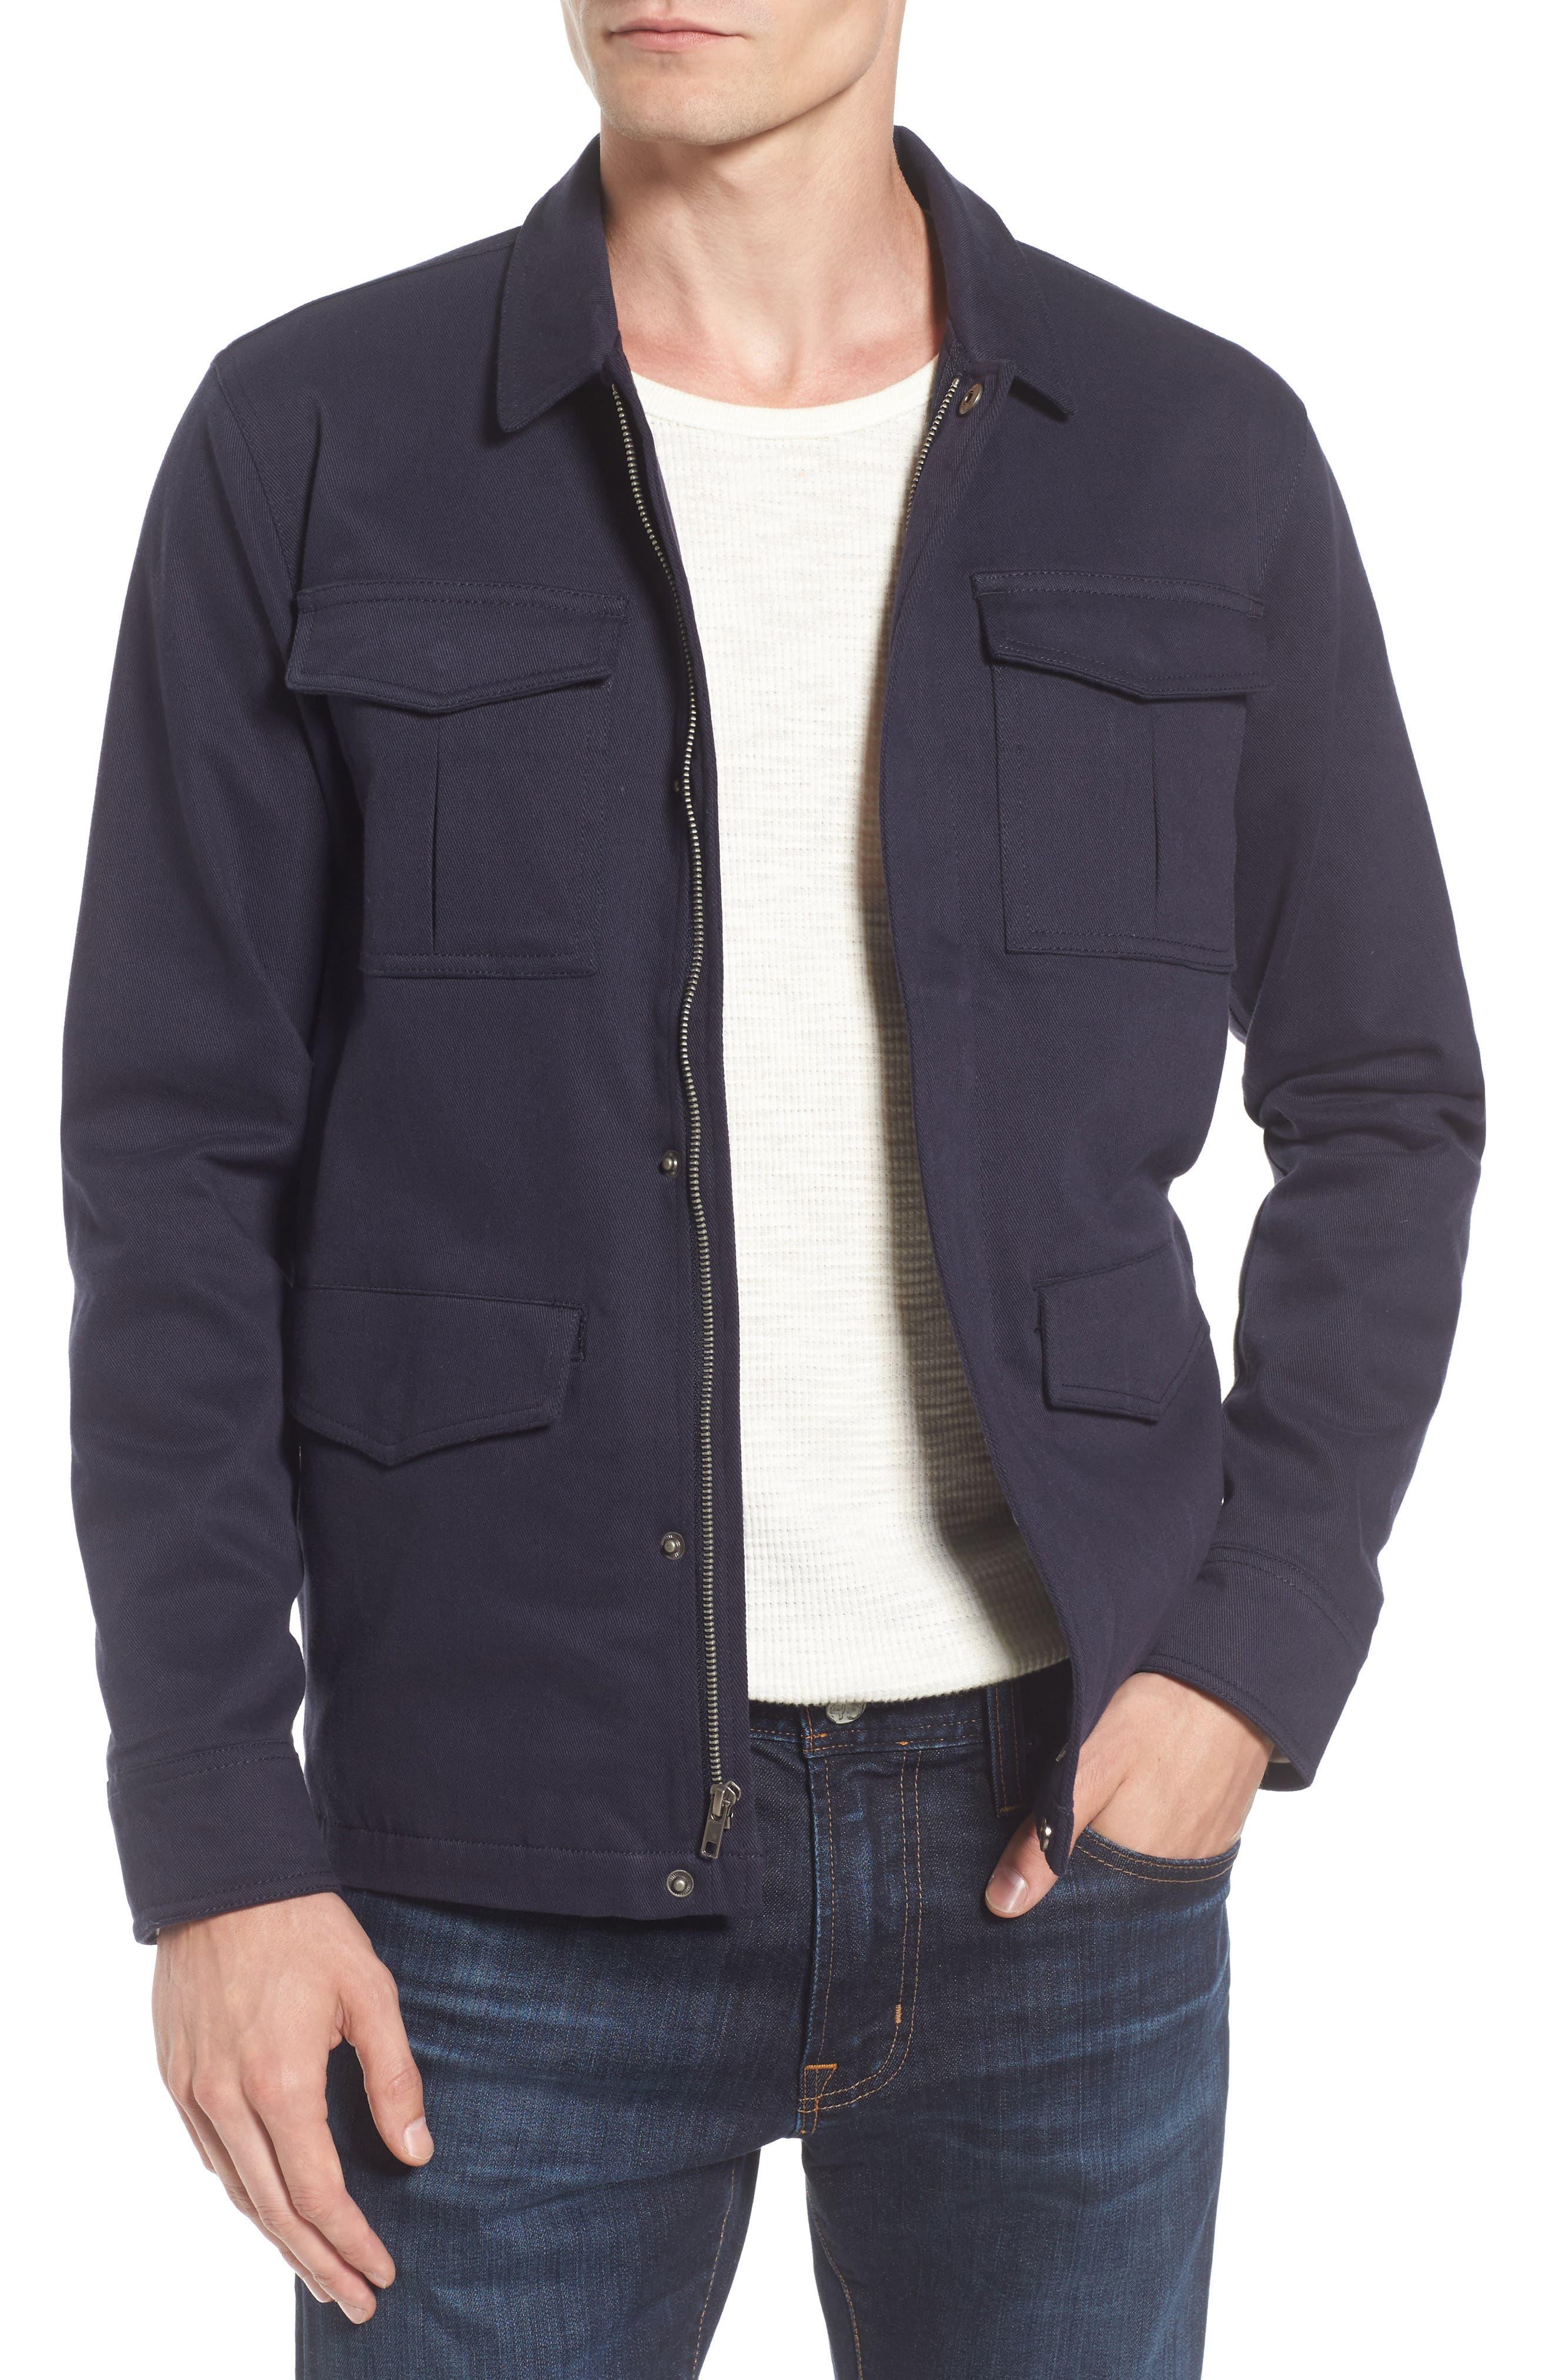 Main Image - Tunellus 4-Pocket Jacket